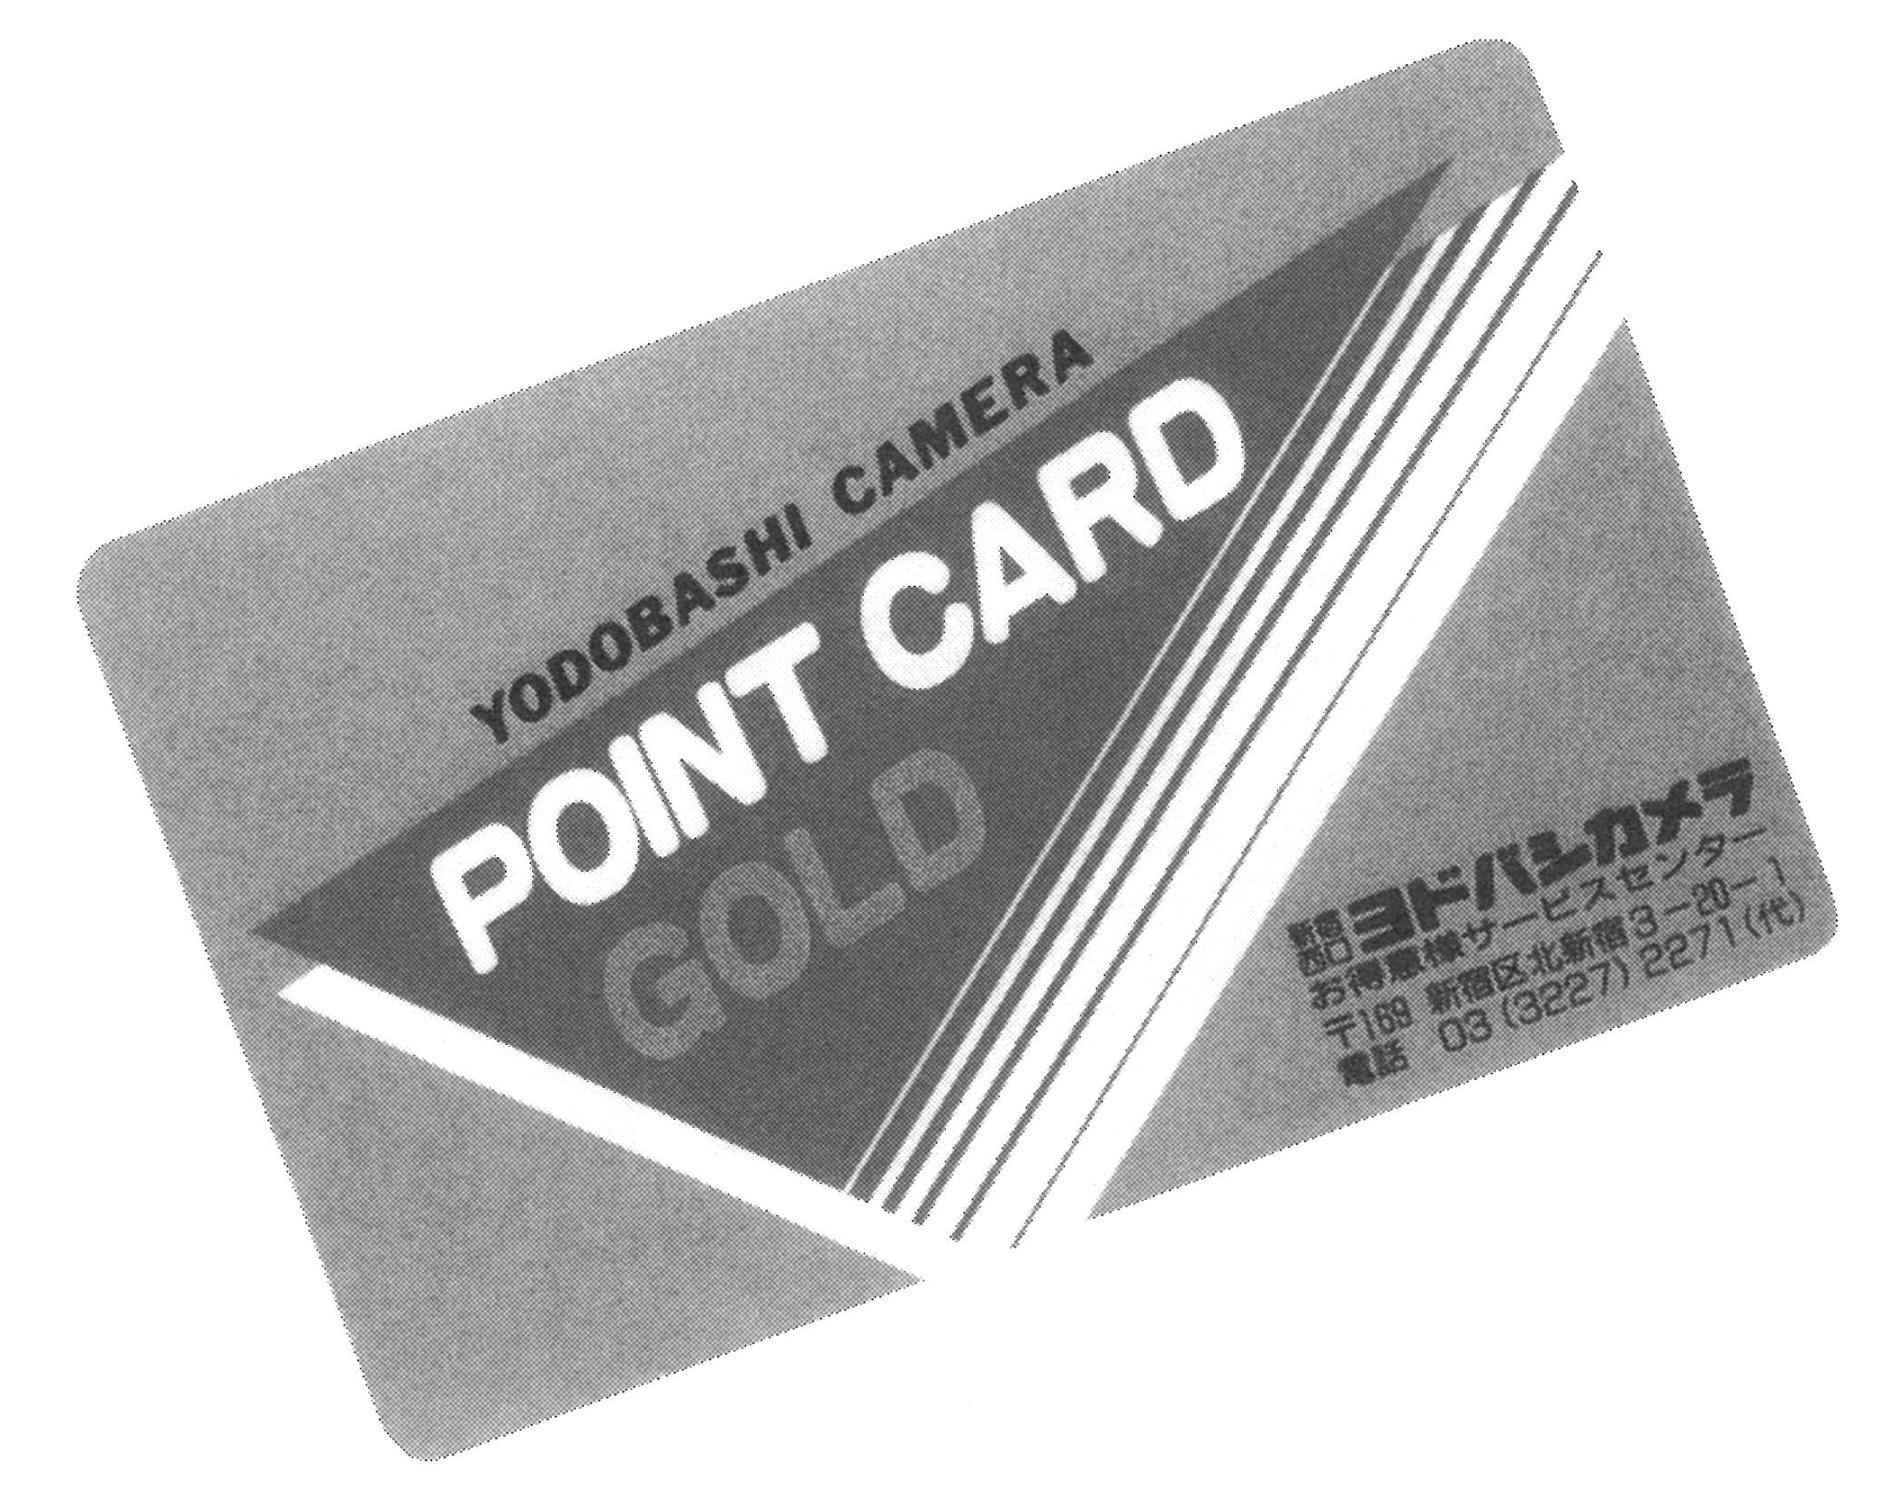 家電量販店のポイントカードの先駆けとなった「ゴールドポイントカ ード」